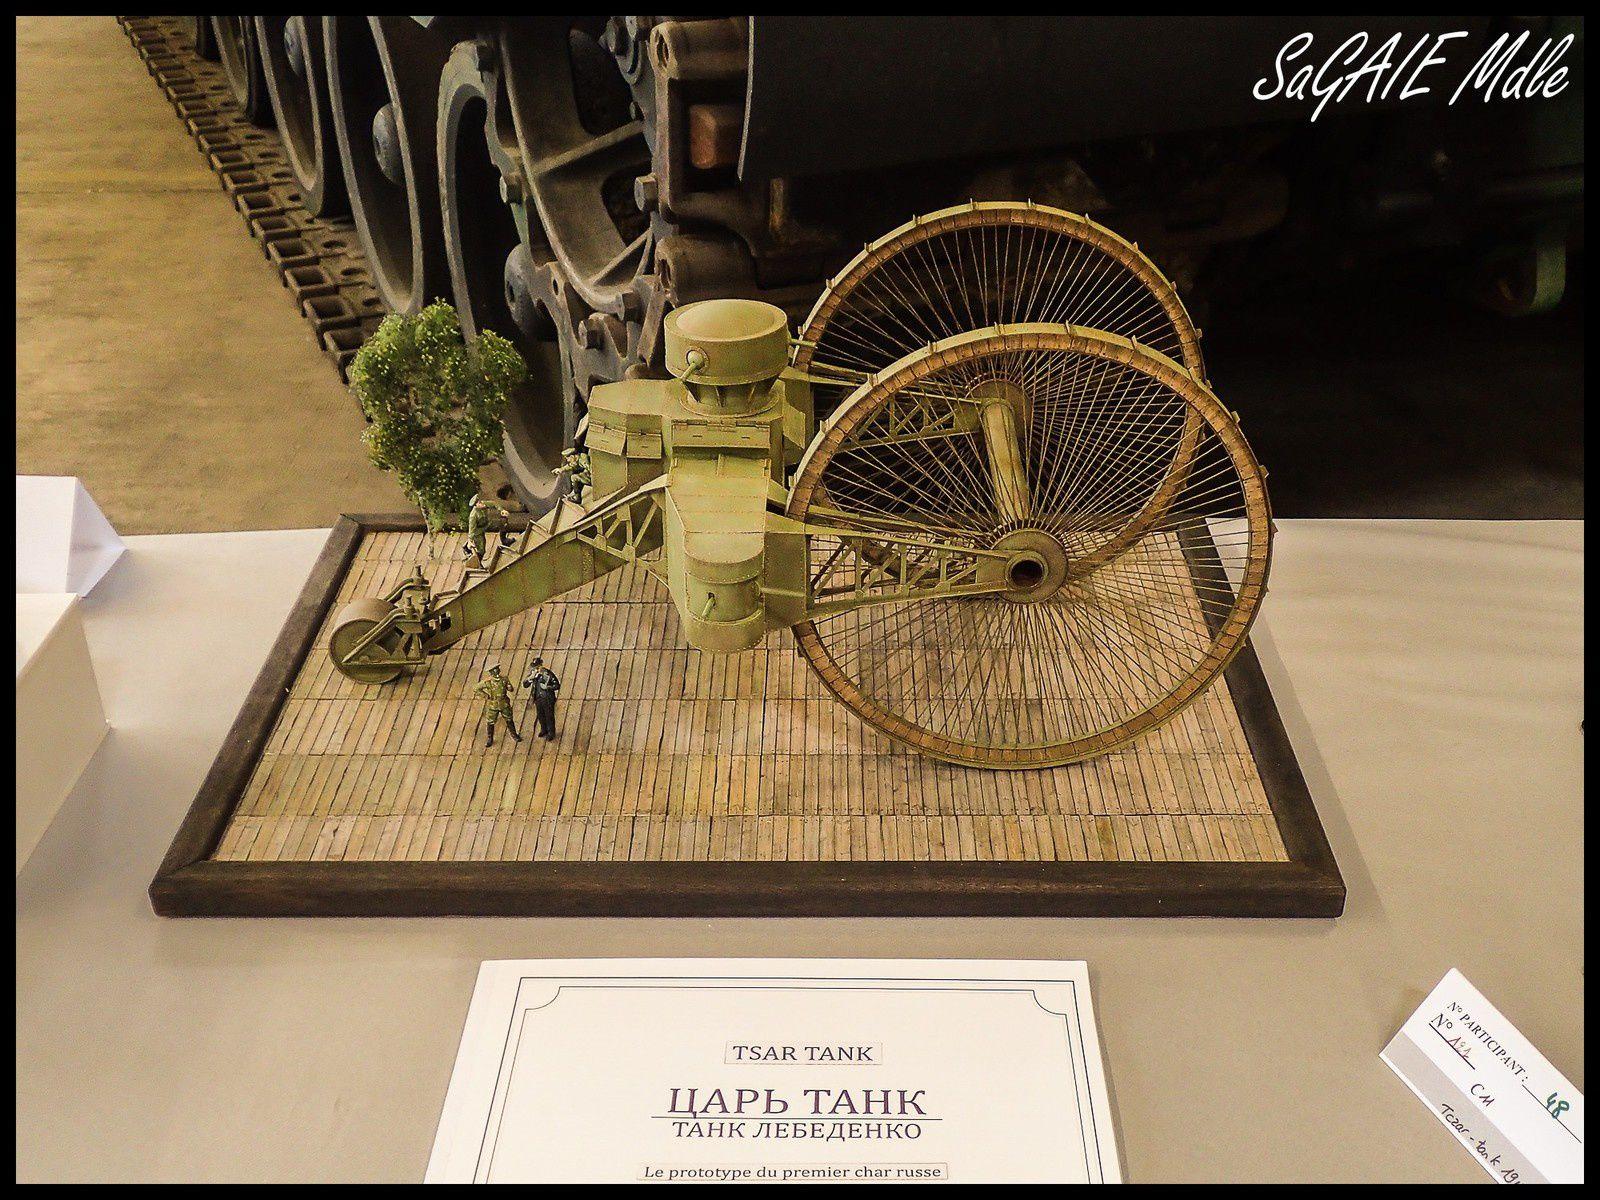 Exposition de maquette, Saumur 2017